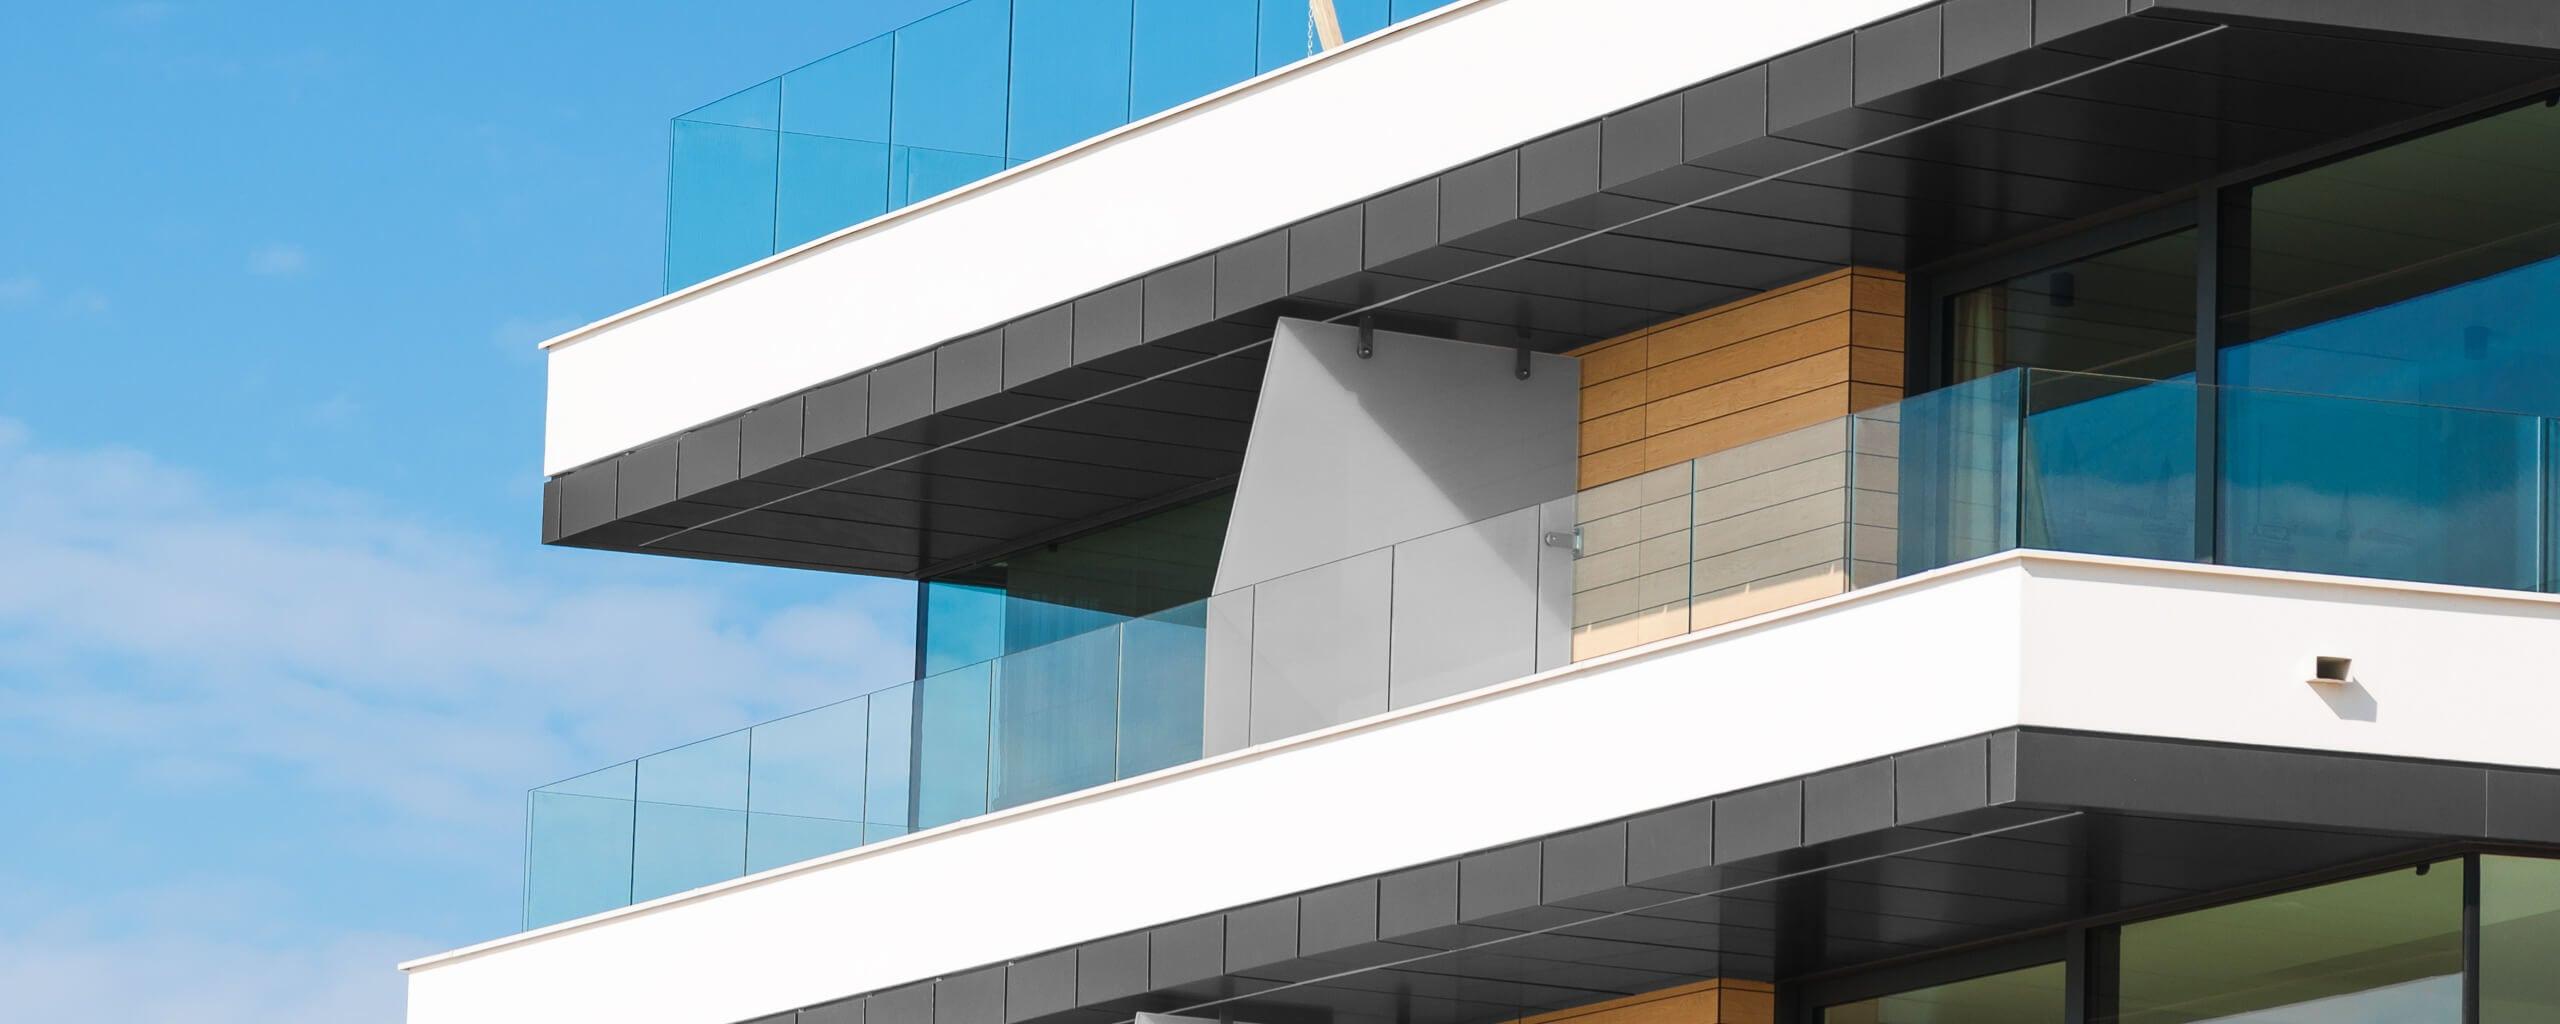 Долевое строительство в испании недвижимость в кушадасы